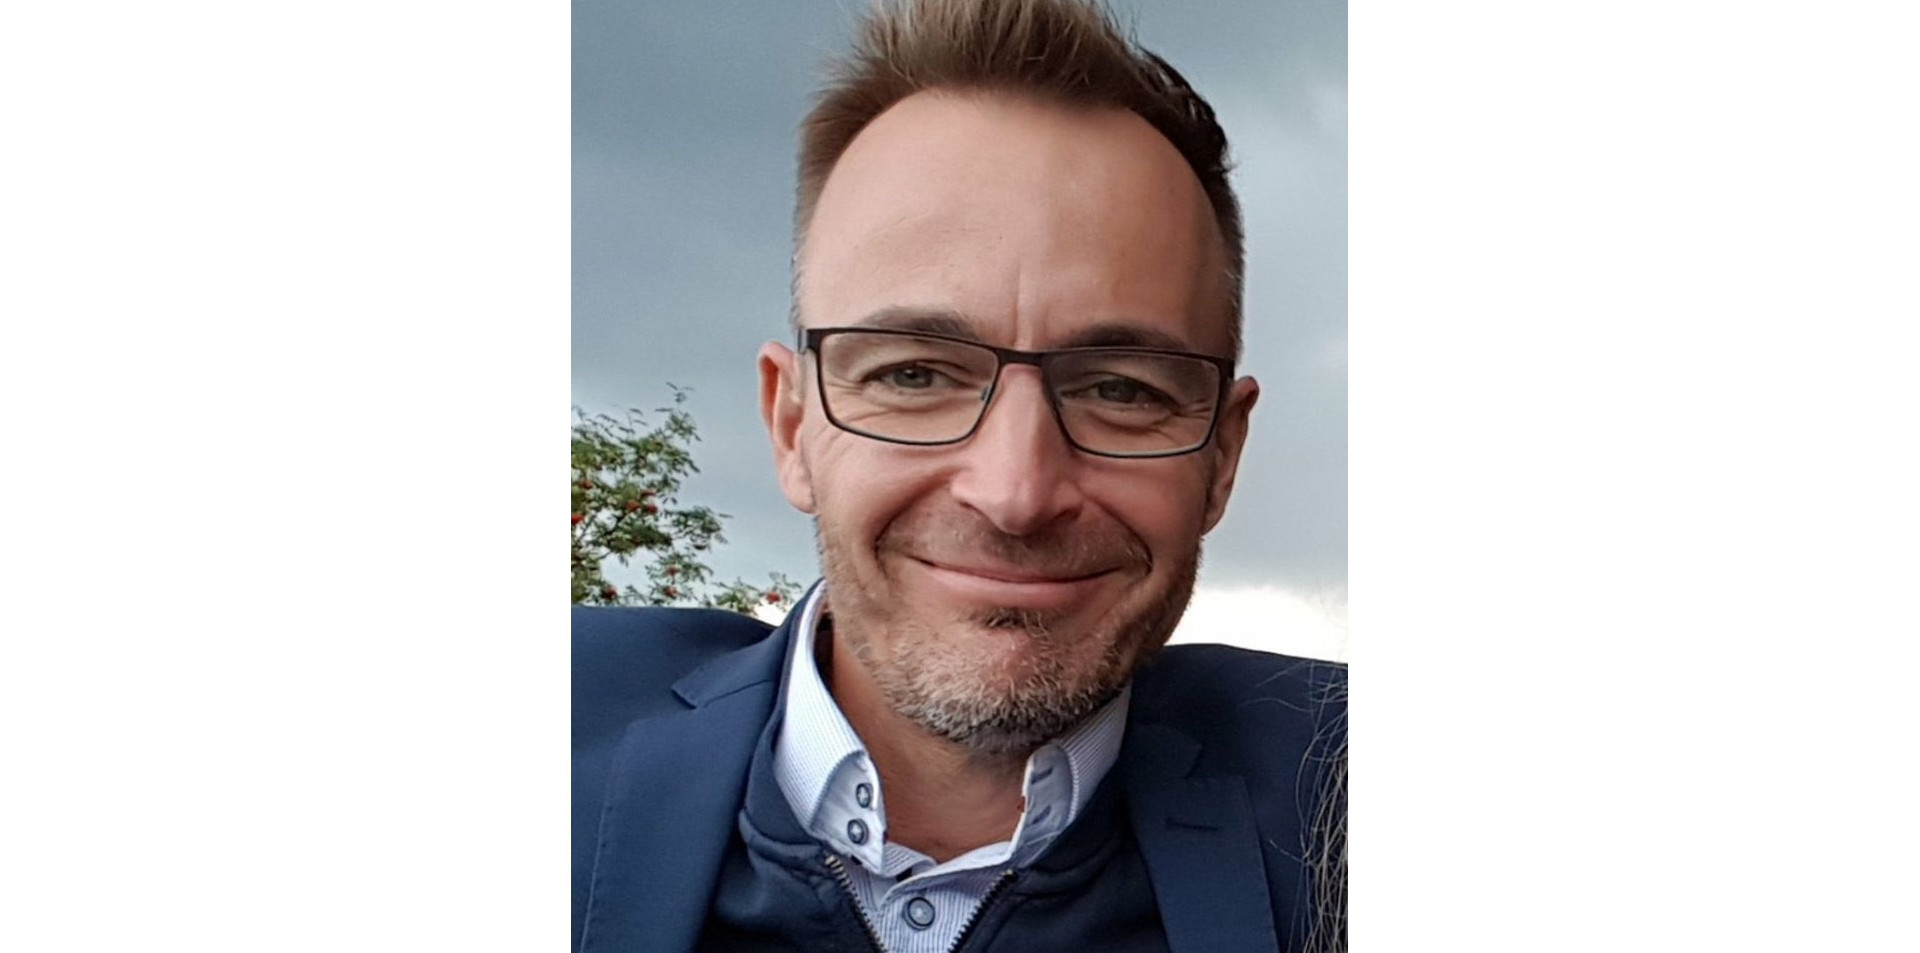 Herrn Marco Nagel, Geschäftsführer der UHNAG GmbH